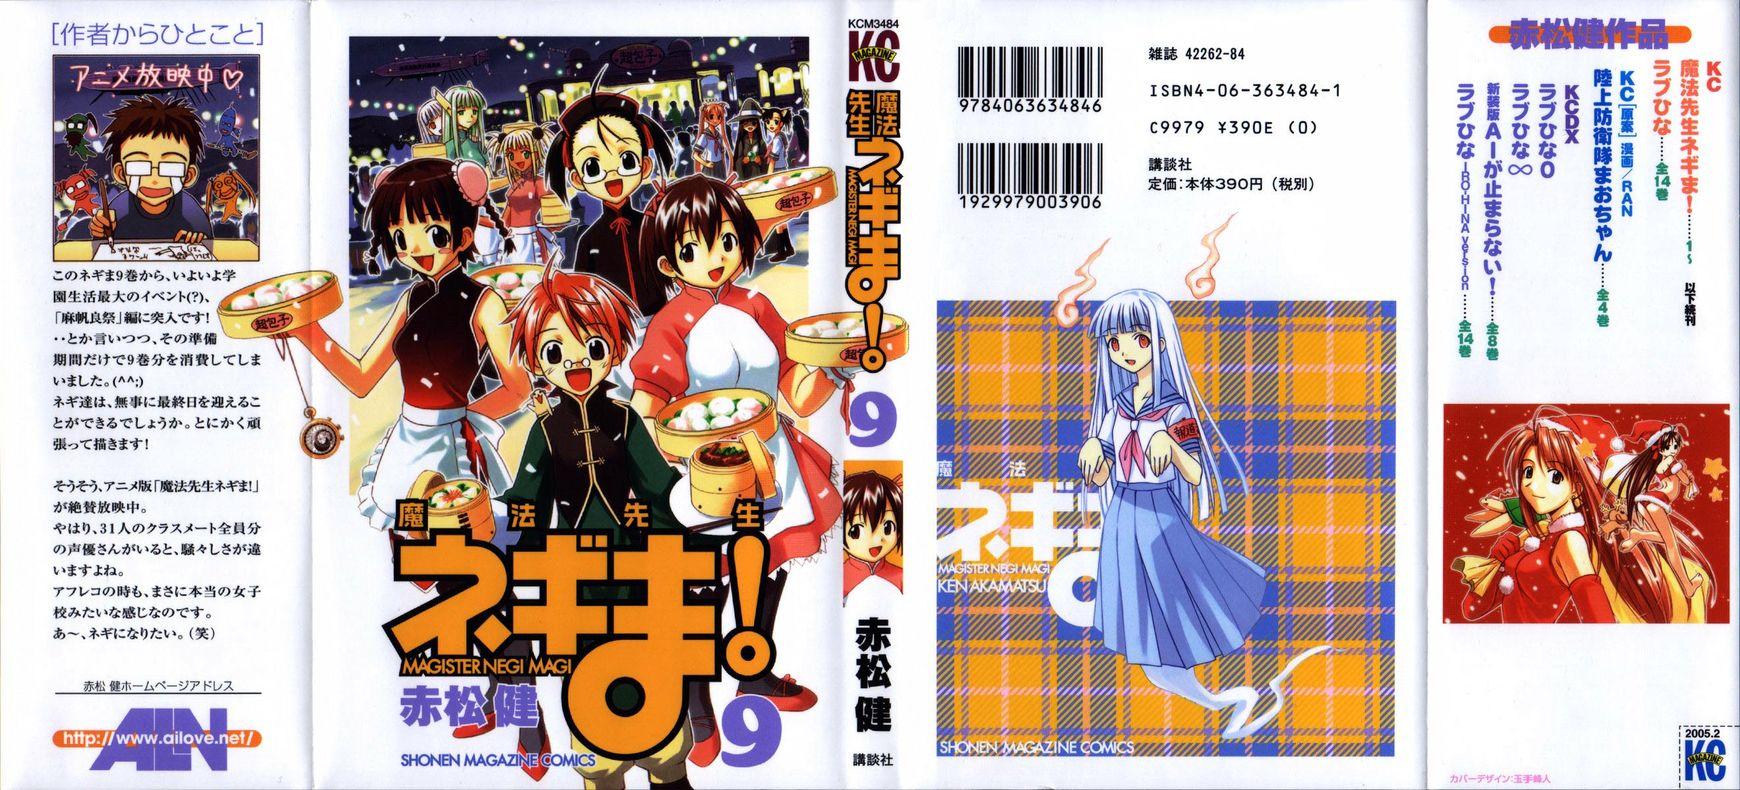 Mahou Sensei Negima! 72 Page 1